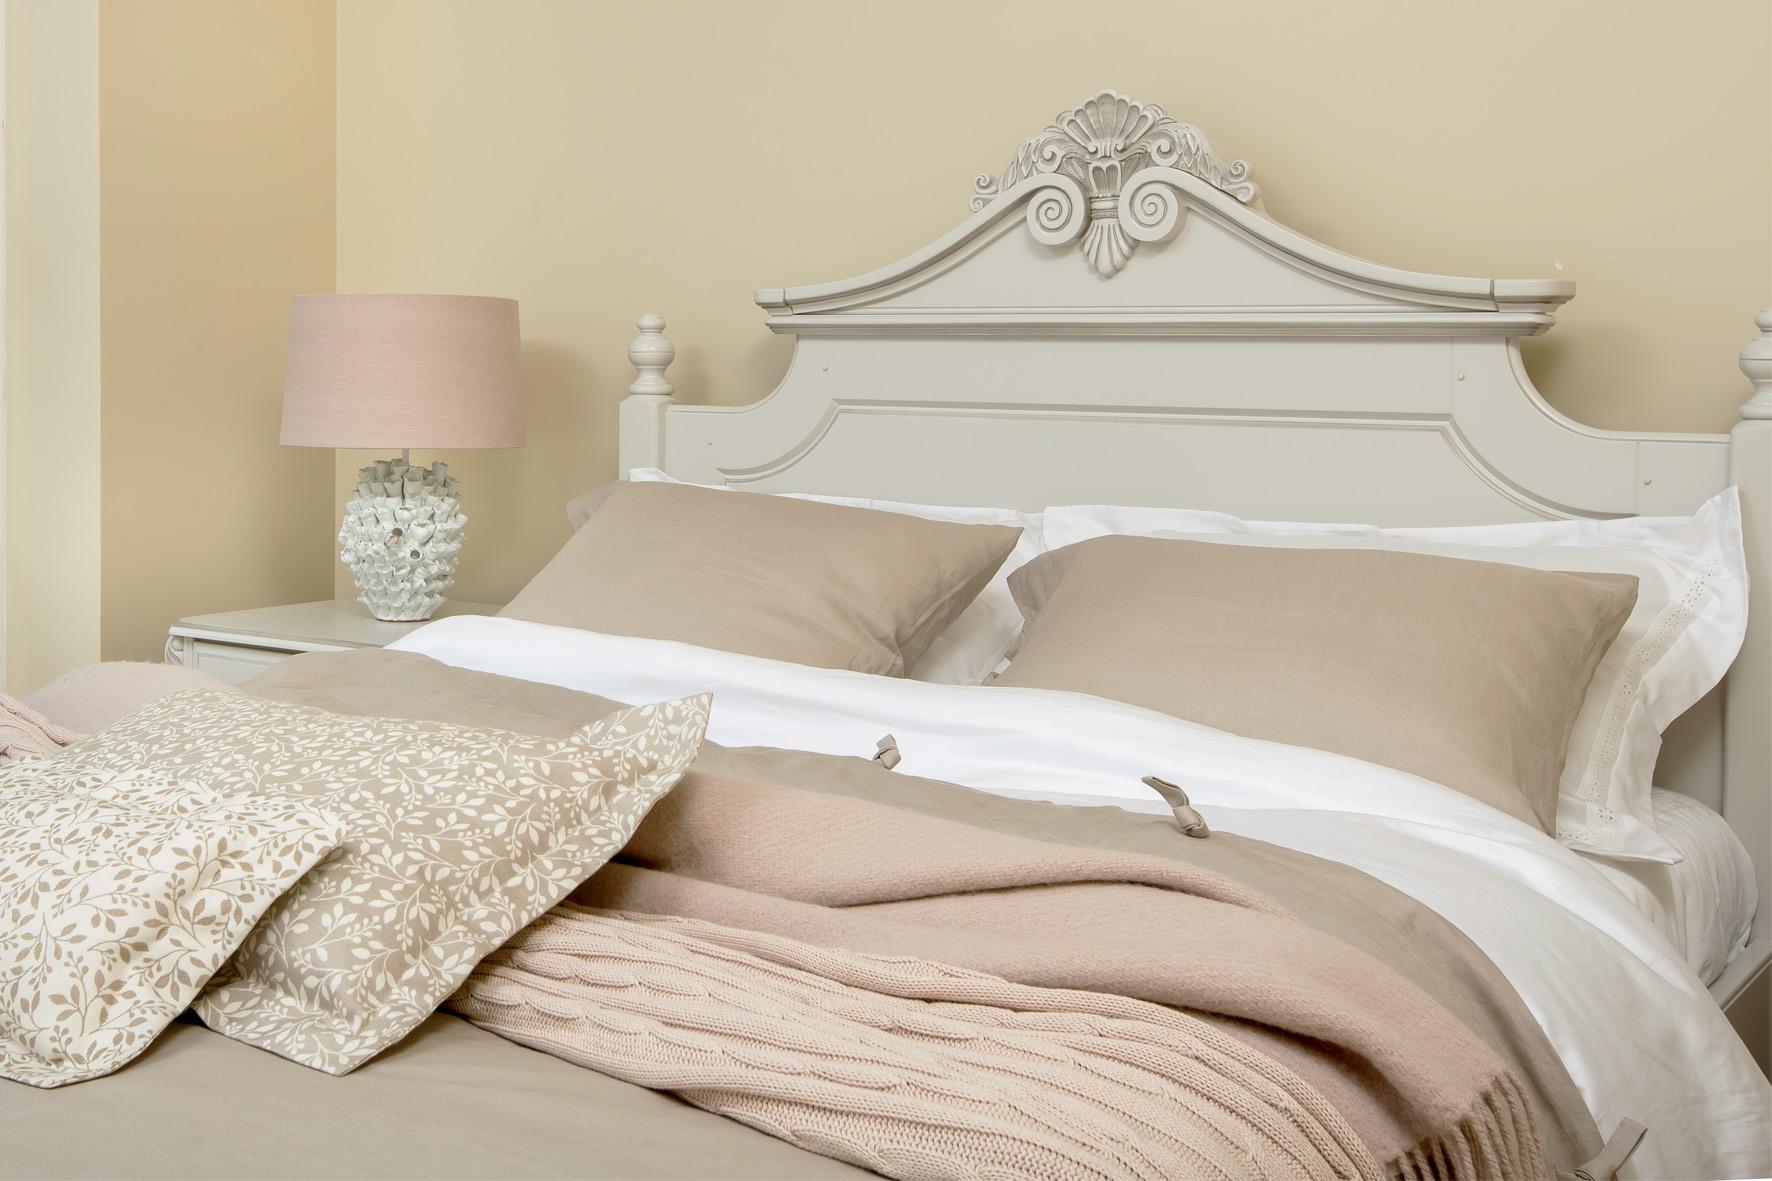 deko furniture. Display: Deko Furniture